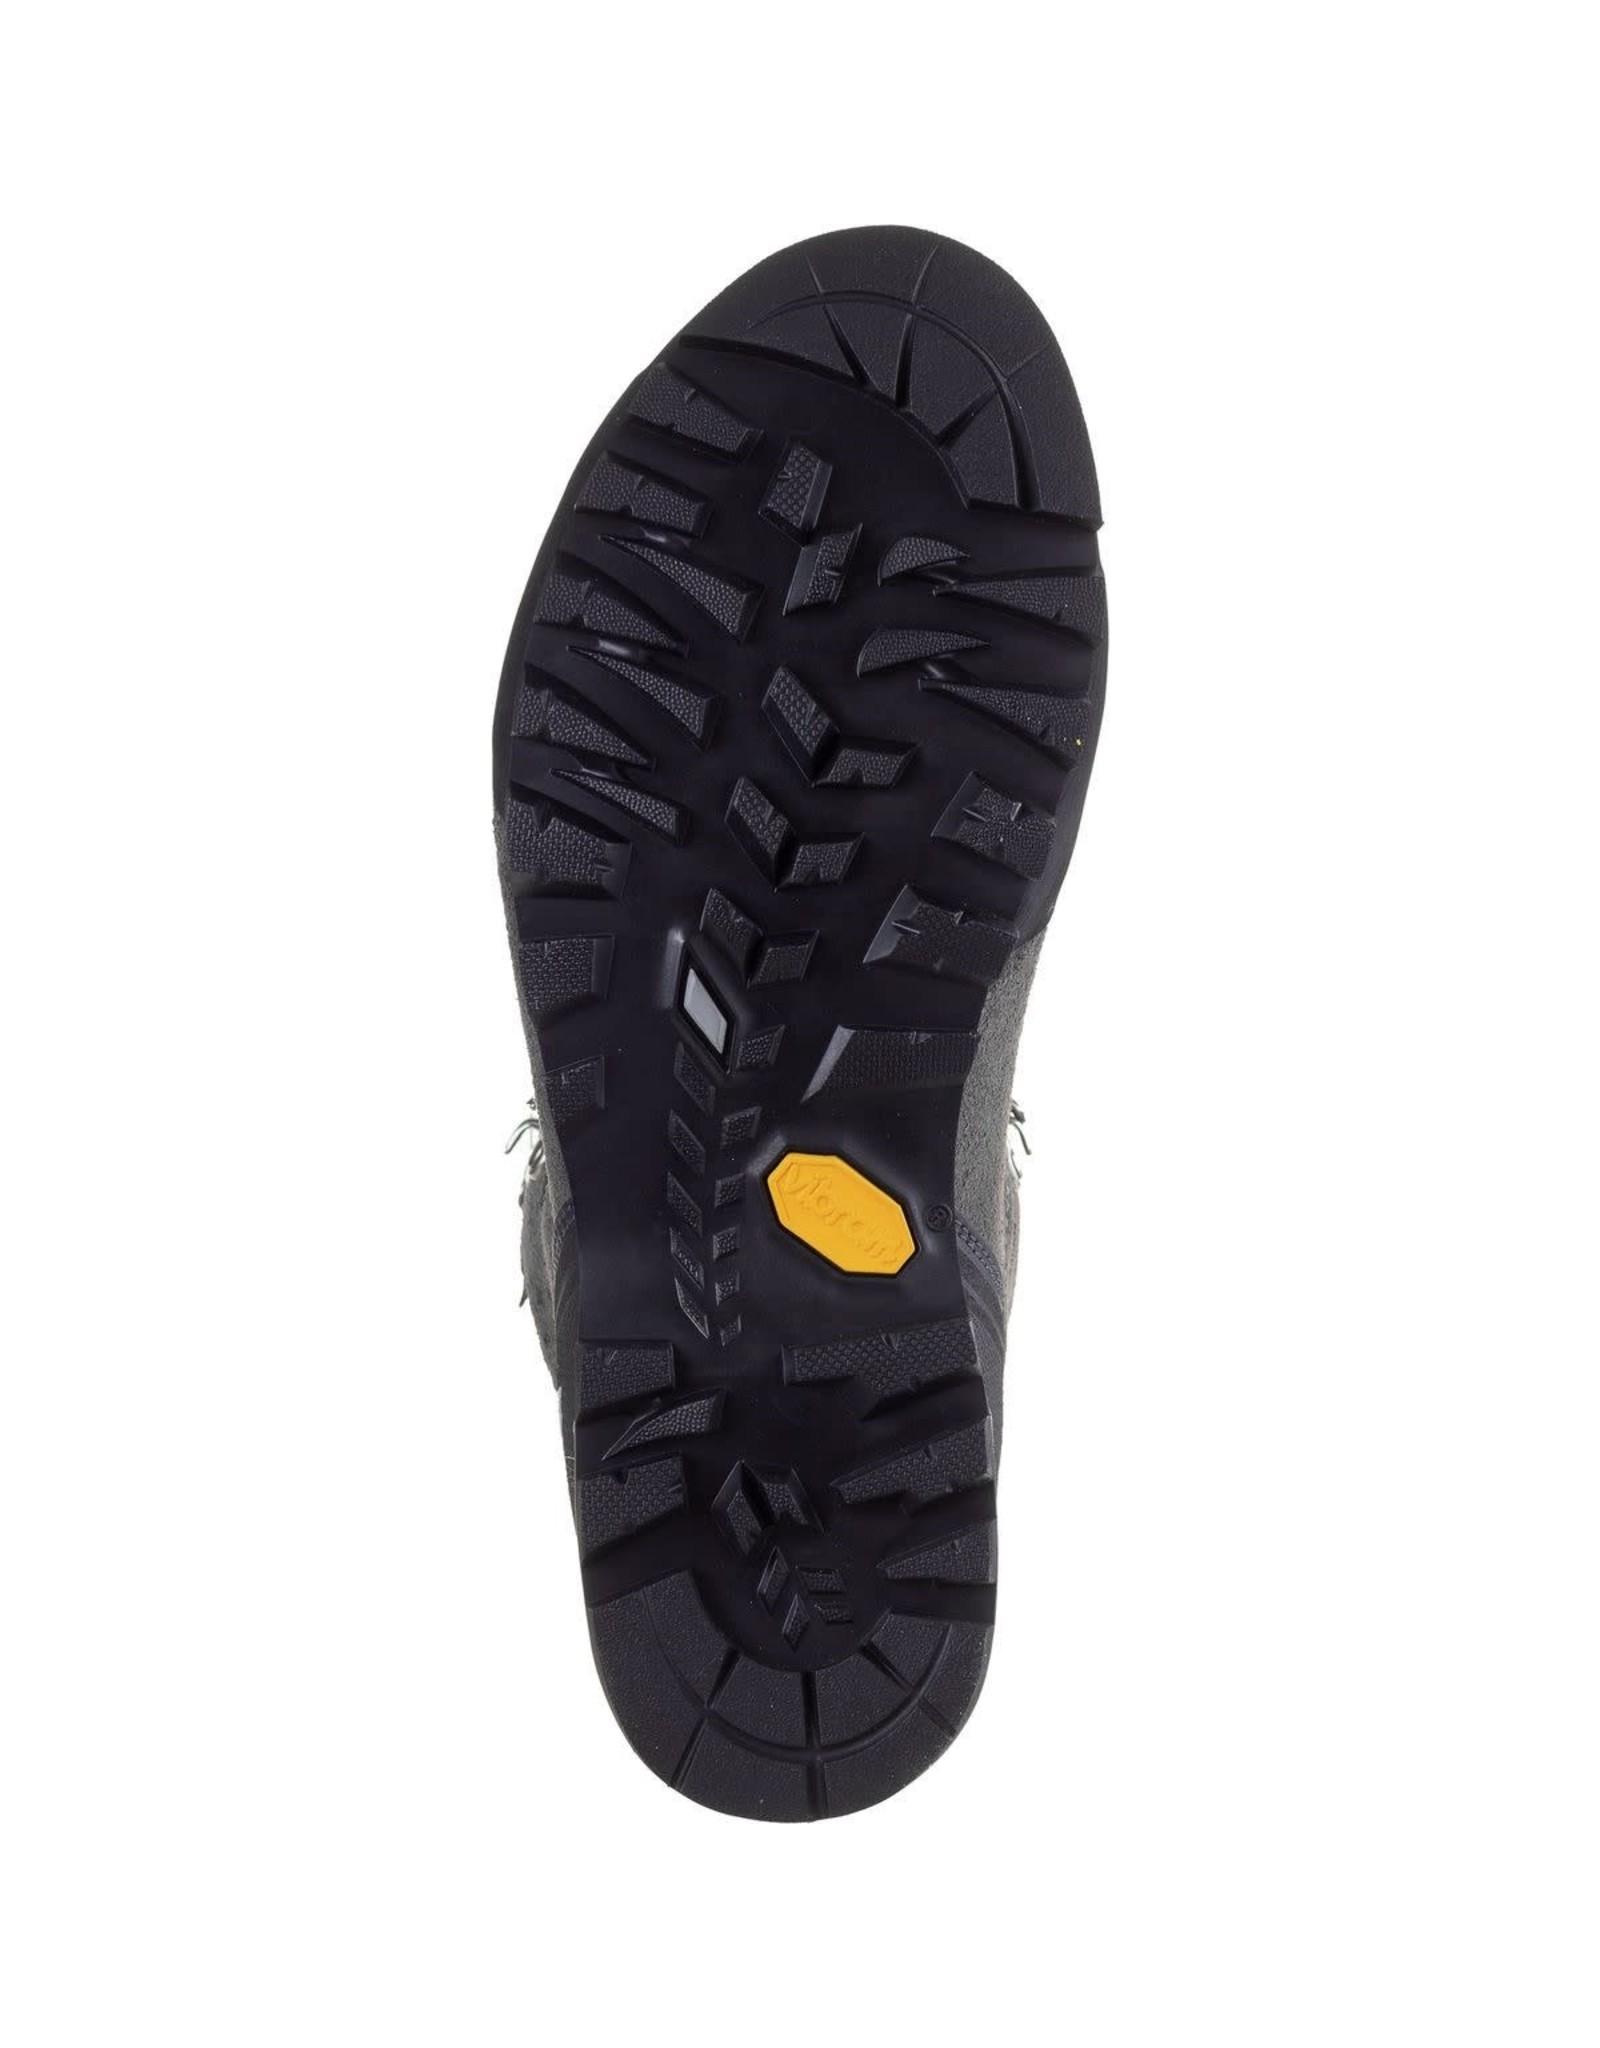 Scarpa Scarpa Zodiac Plus Boots - Women